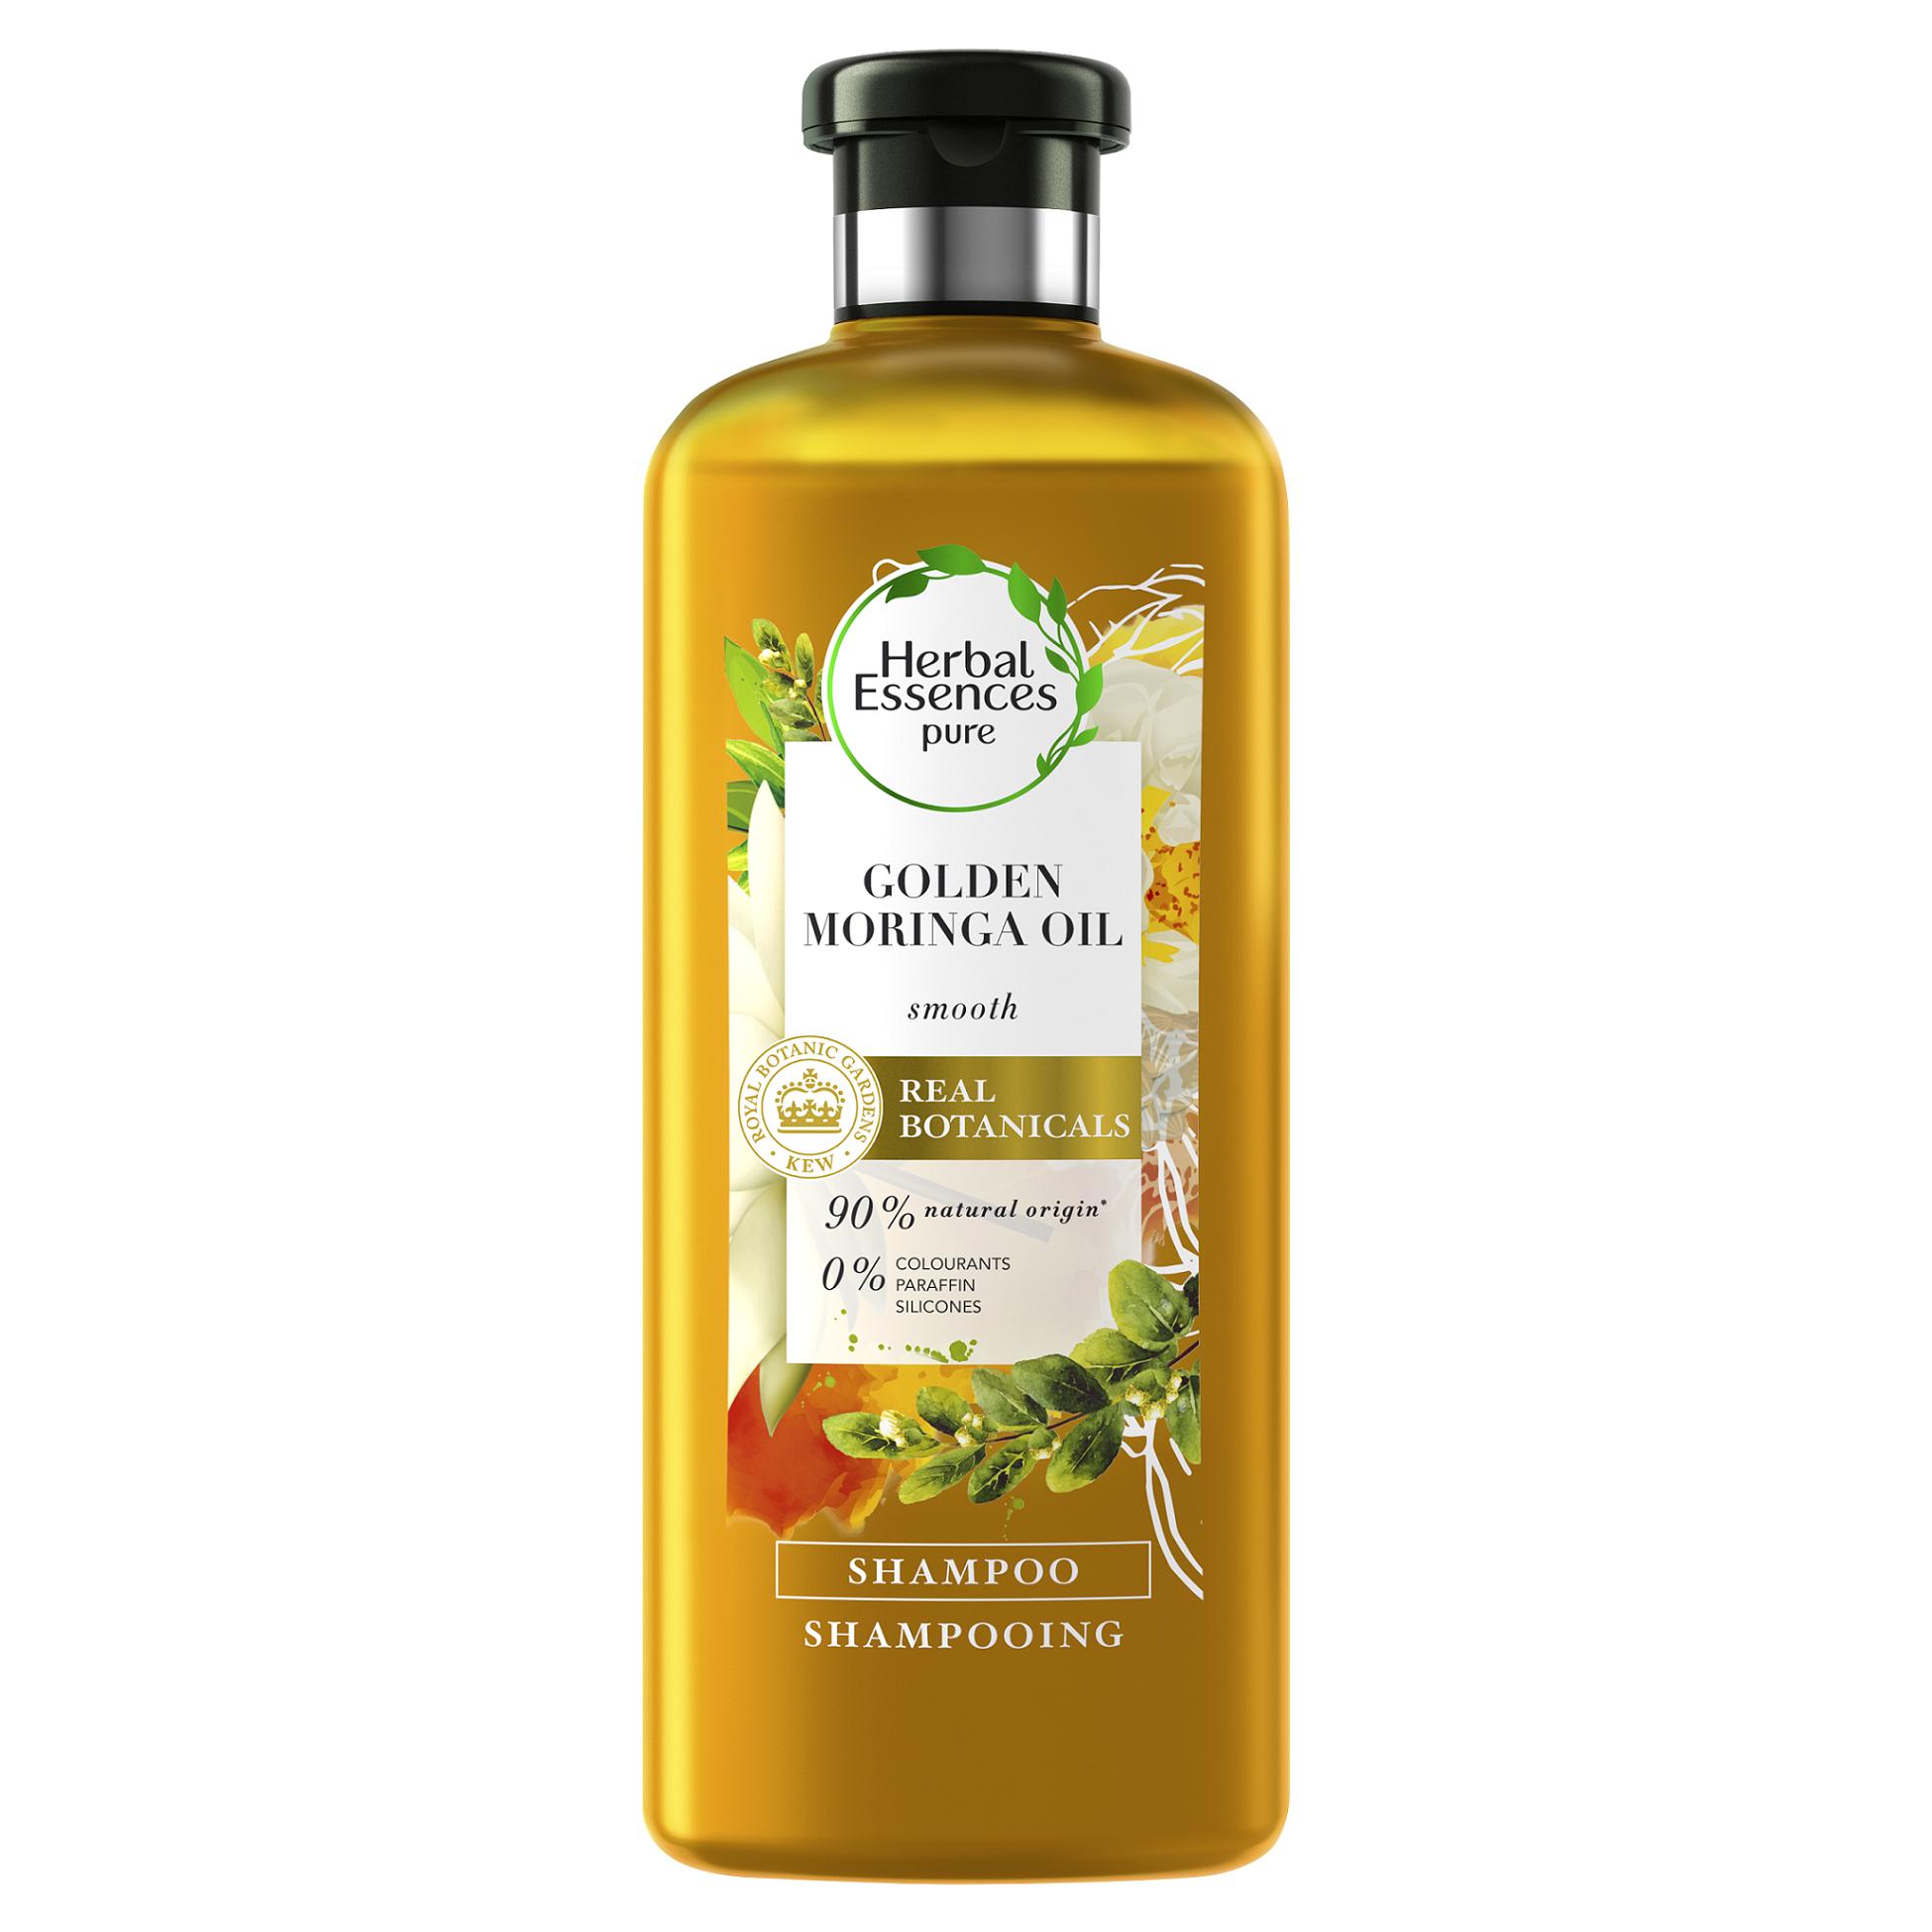 Σαμπουάν για Απαλά Μαλλιά Golden Moringa Oil Herbal Essences (400 ml) 1+1 Δώρο